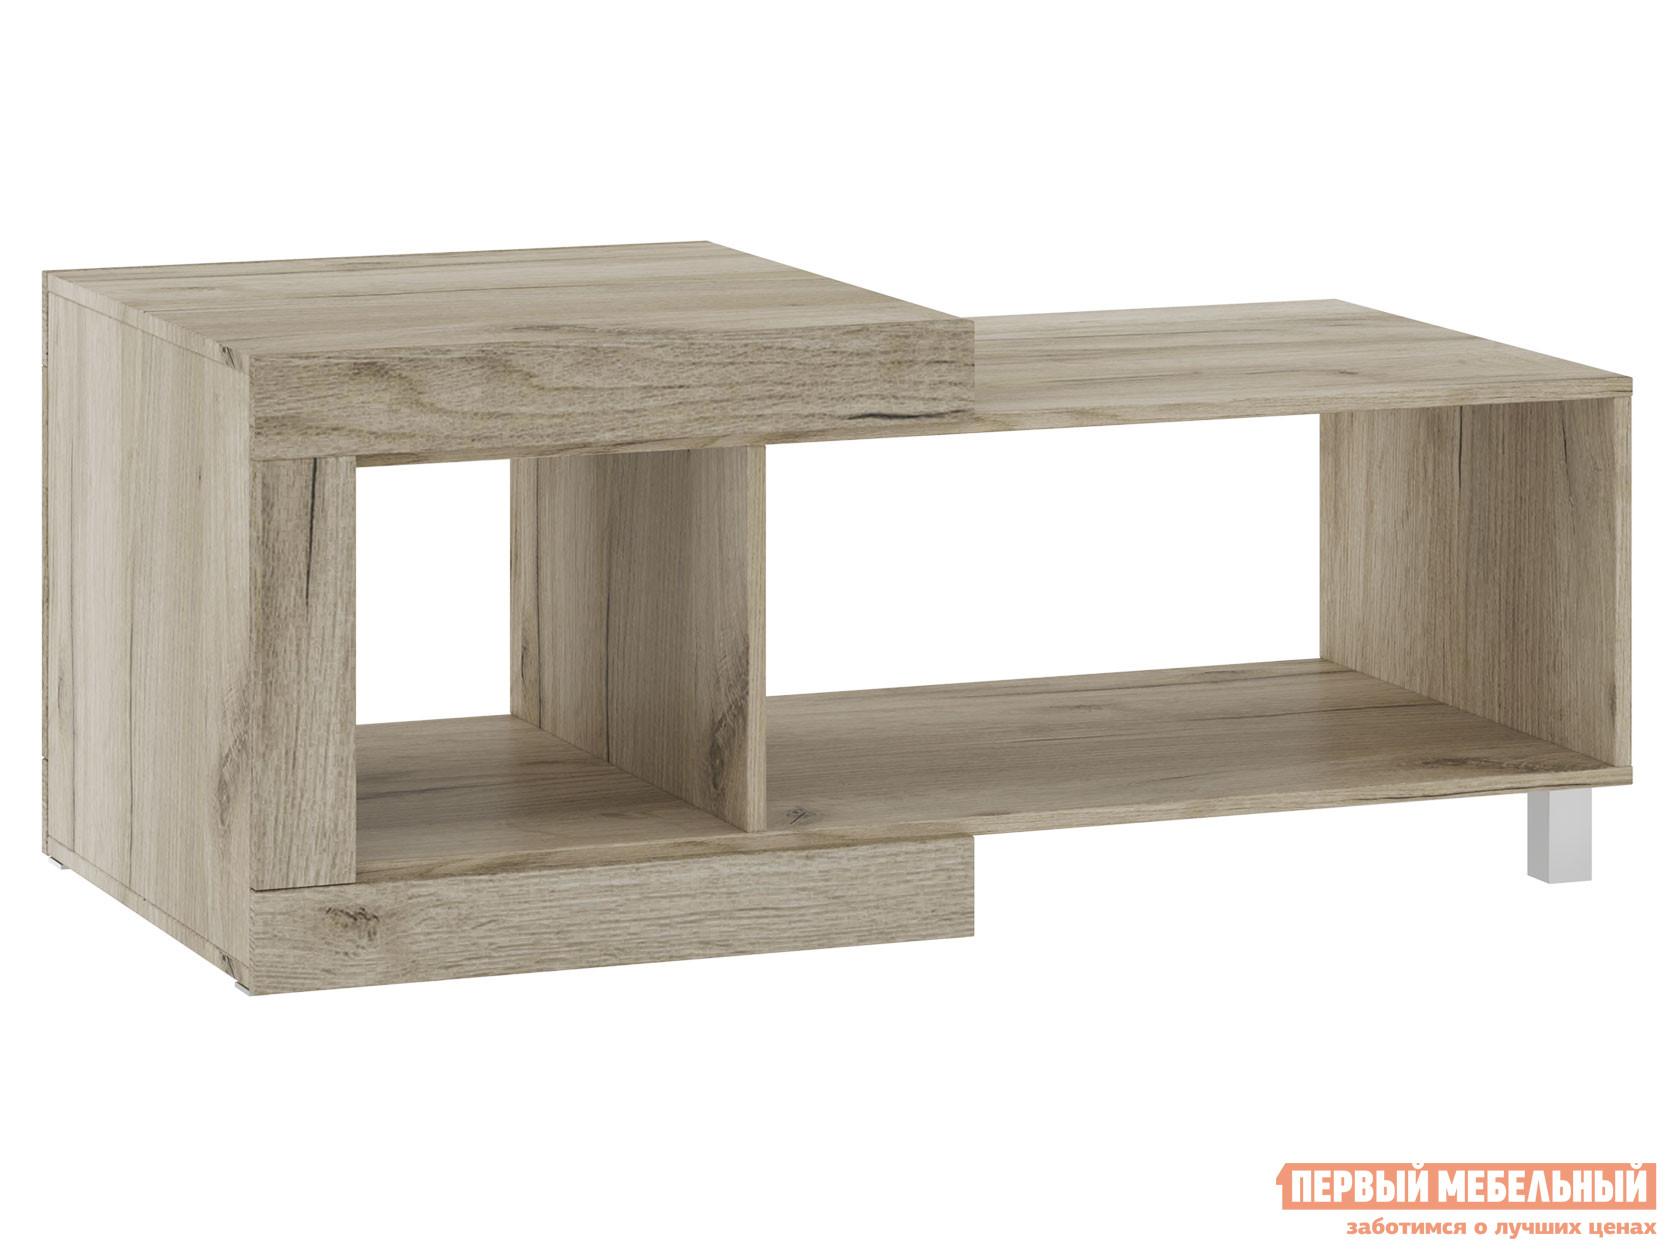 Журнальный столик НК-Мебель 71280119 ГЕНЕЗИС стол журнальный